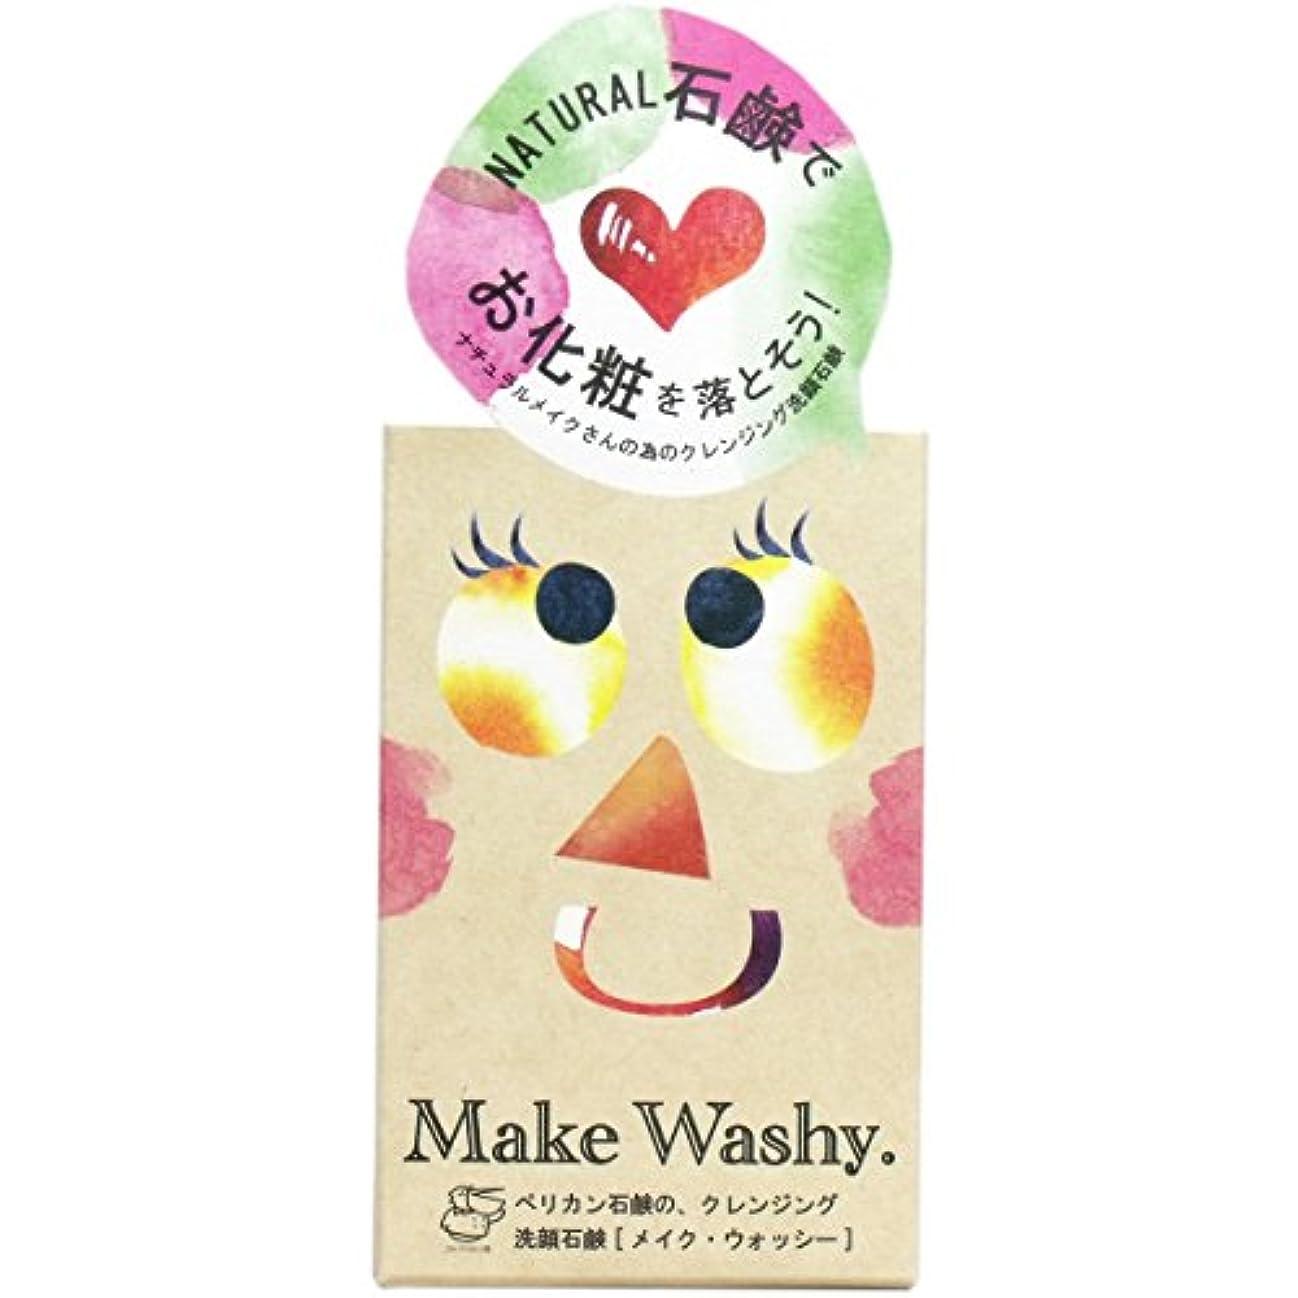 のスコアラリーアダルトメイクウォッシー 洗顔石鹸 × 10個セット